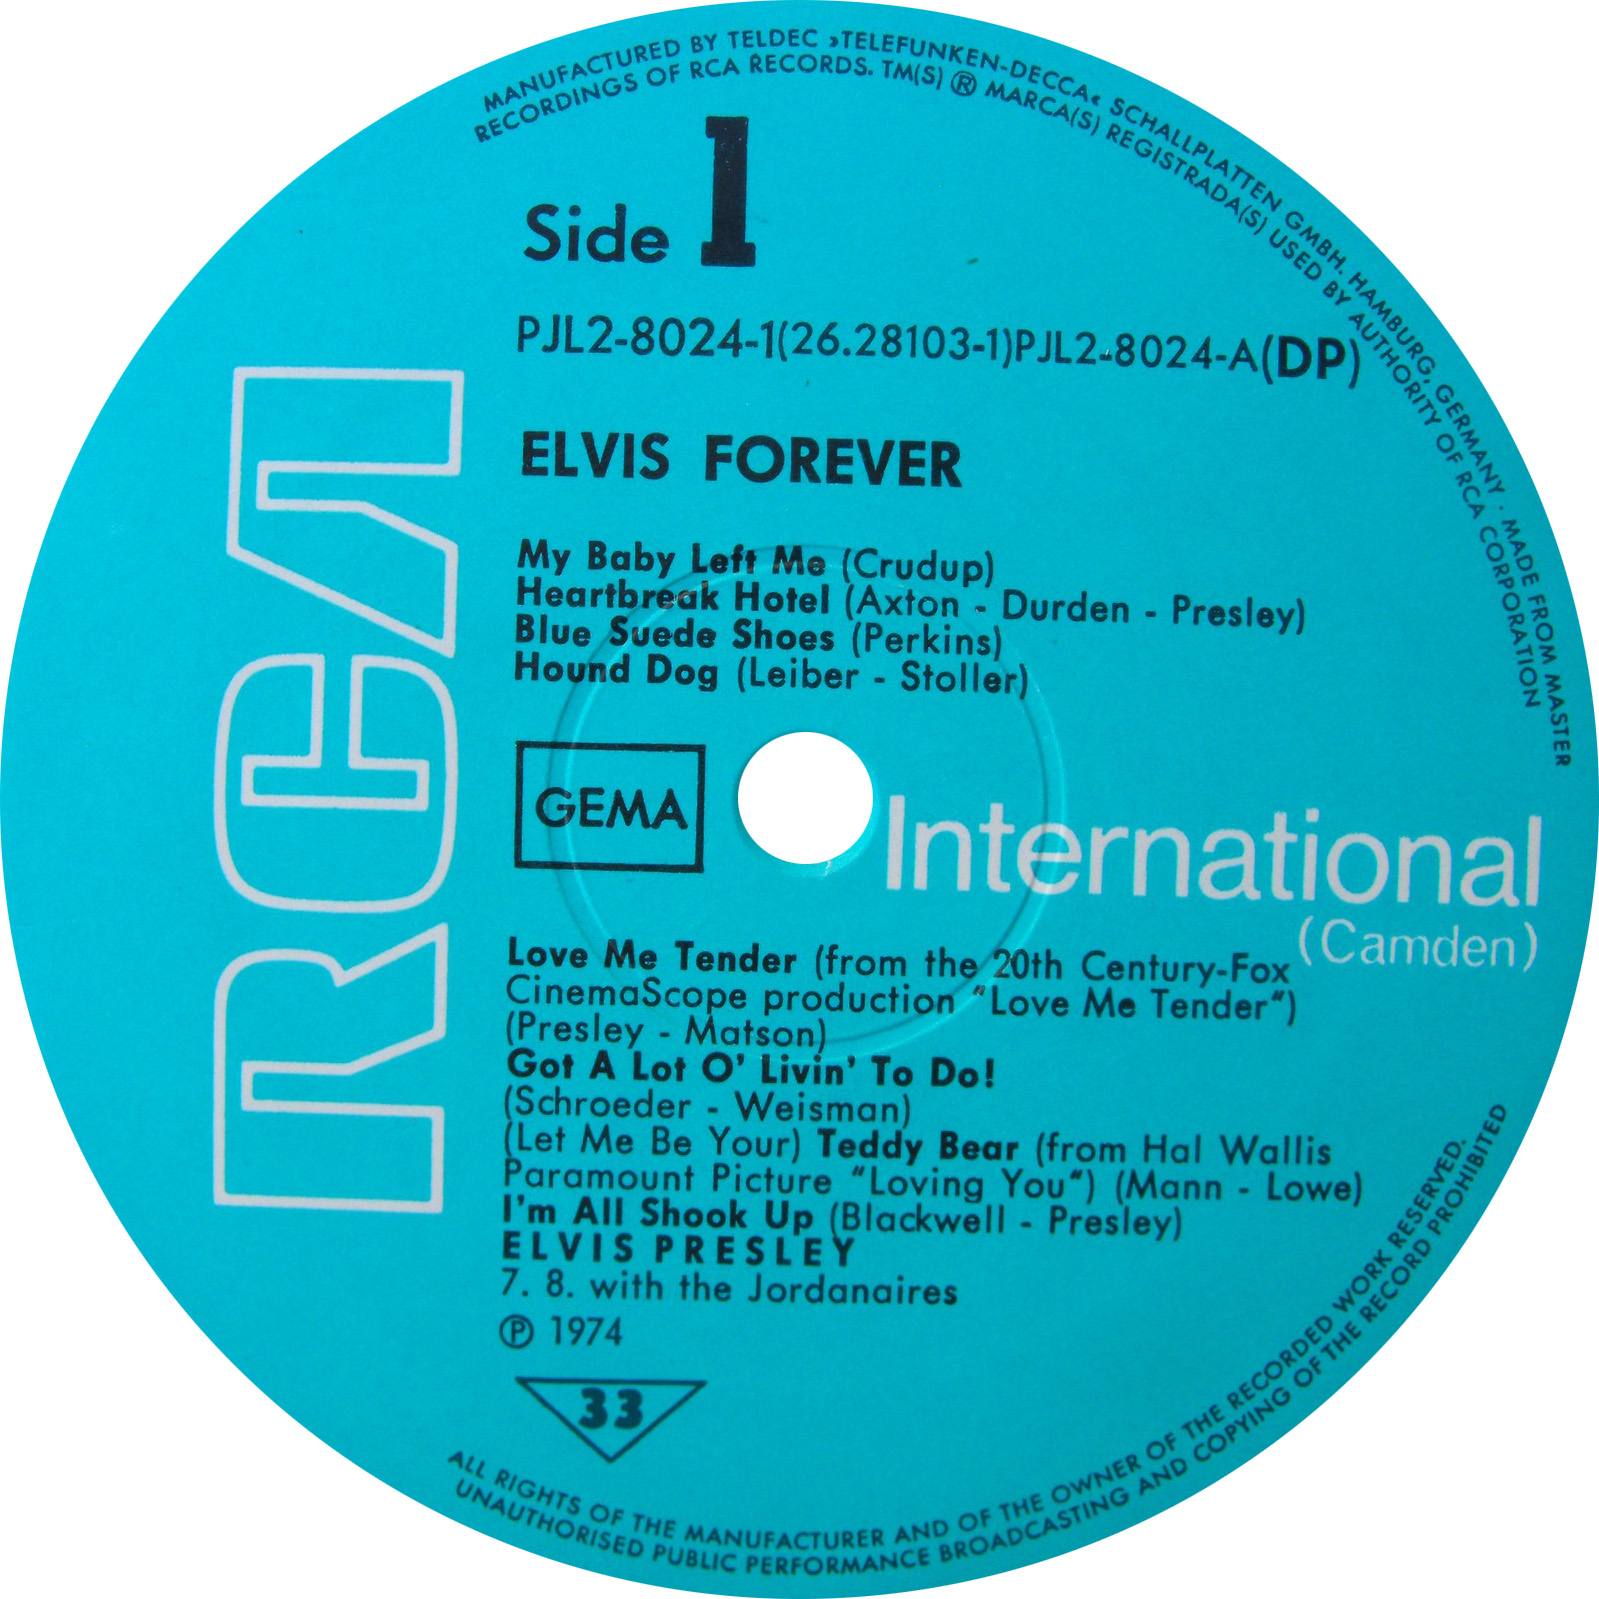 RCA LP-Label-Spiegel der Bundesrepublik Deutschland B3_a1atiyc